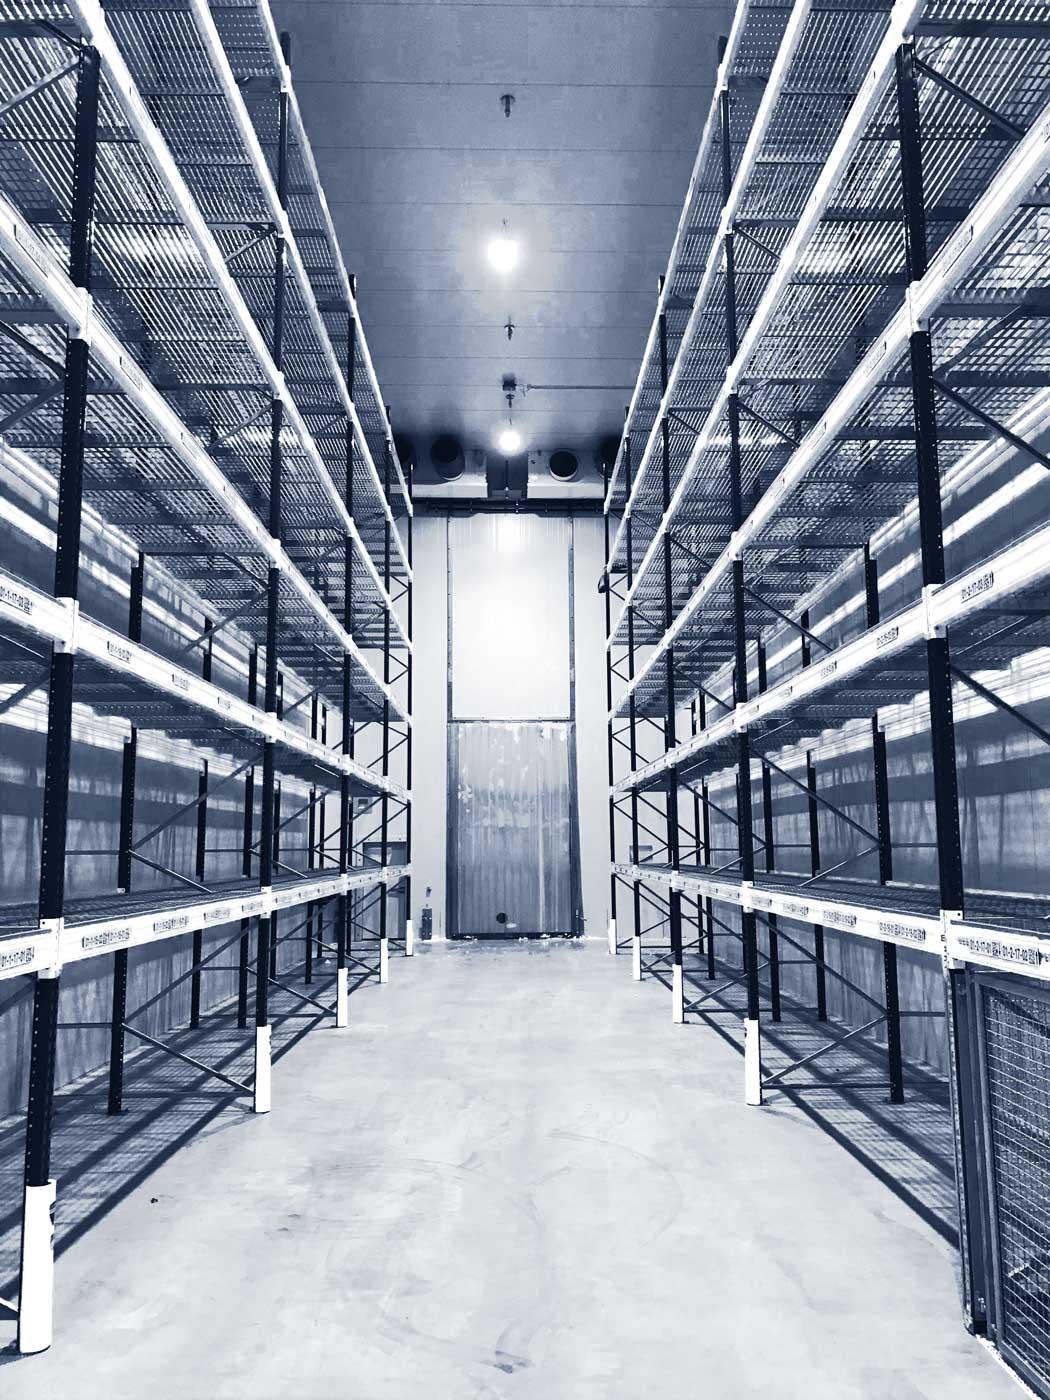 Rieger Kälteanlagenbau verbaut eine Verbundkälteanlage im Tiefkühllager der Honold Logistik in Augsburg.